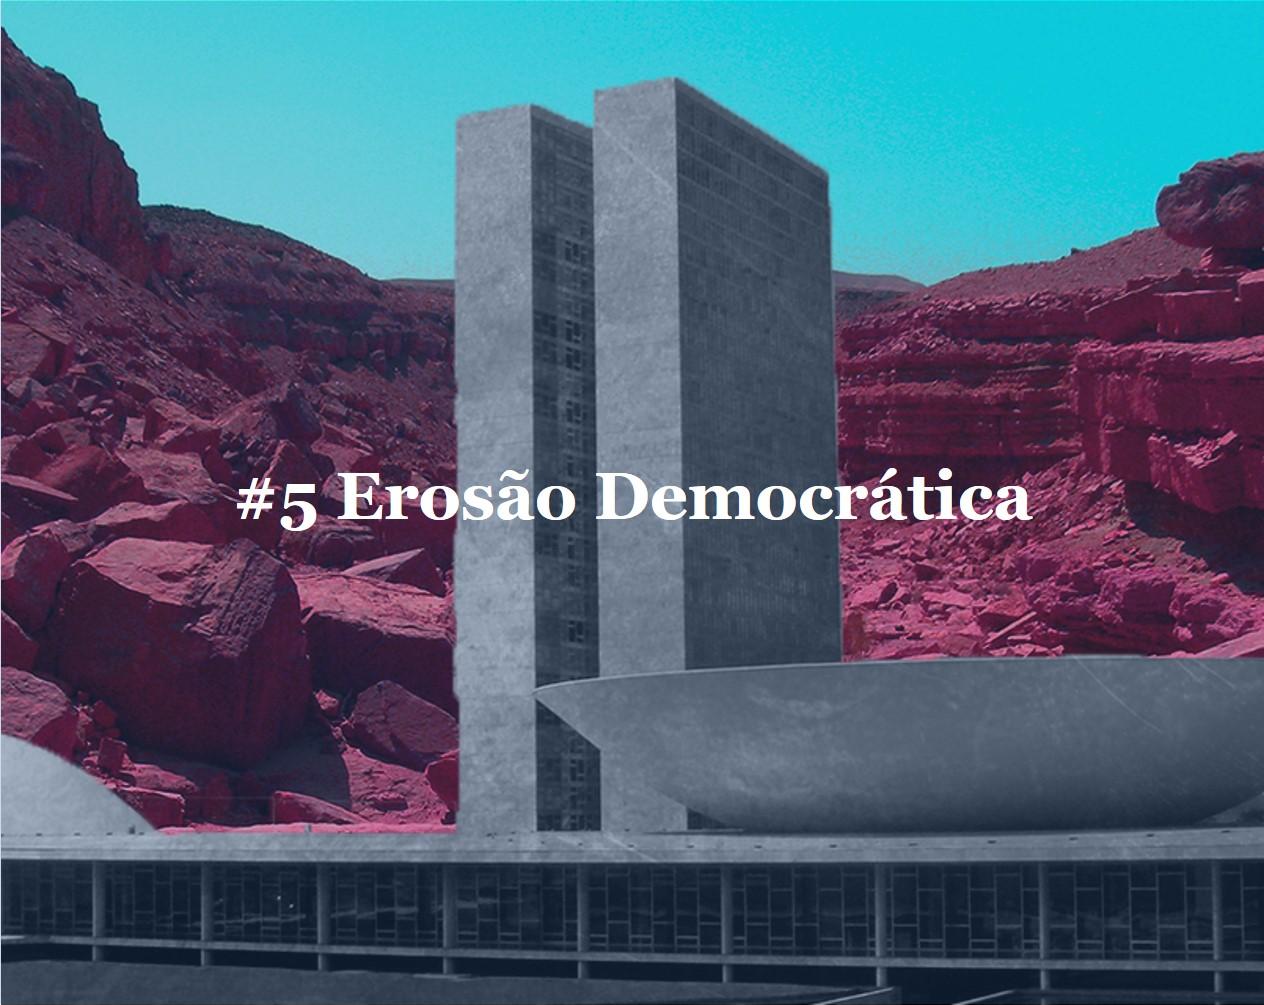 #5 Erosão Democrática